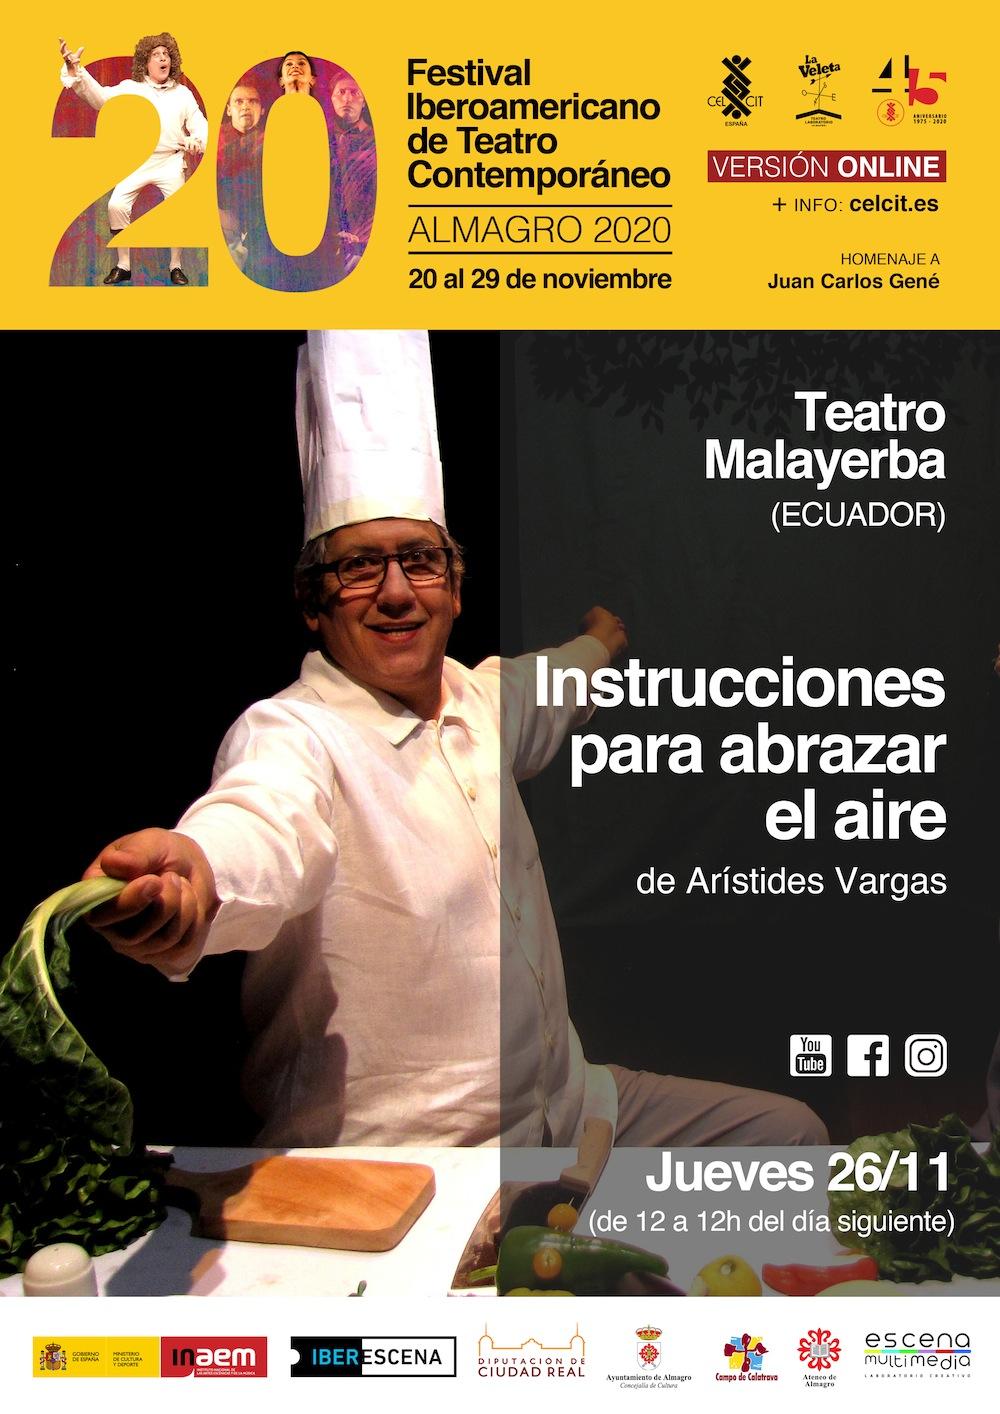 20 Festival Iberoamericano de Teatro Contemporáneo. Instrucciones para abrazar el aire.